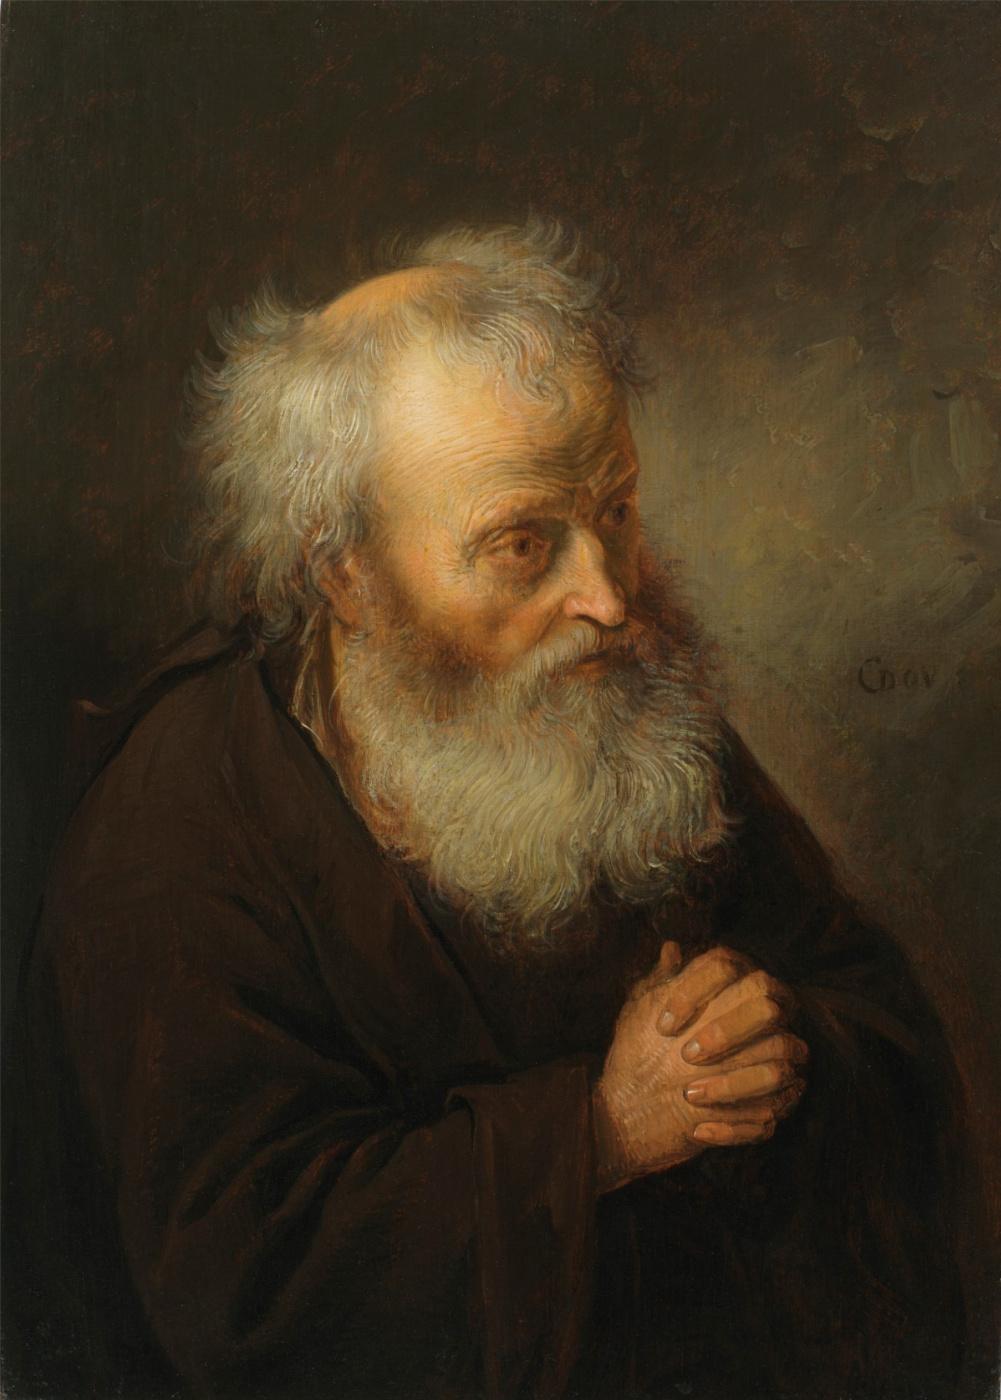 Gerrit (Gerard) Dow. The old man at prayer